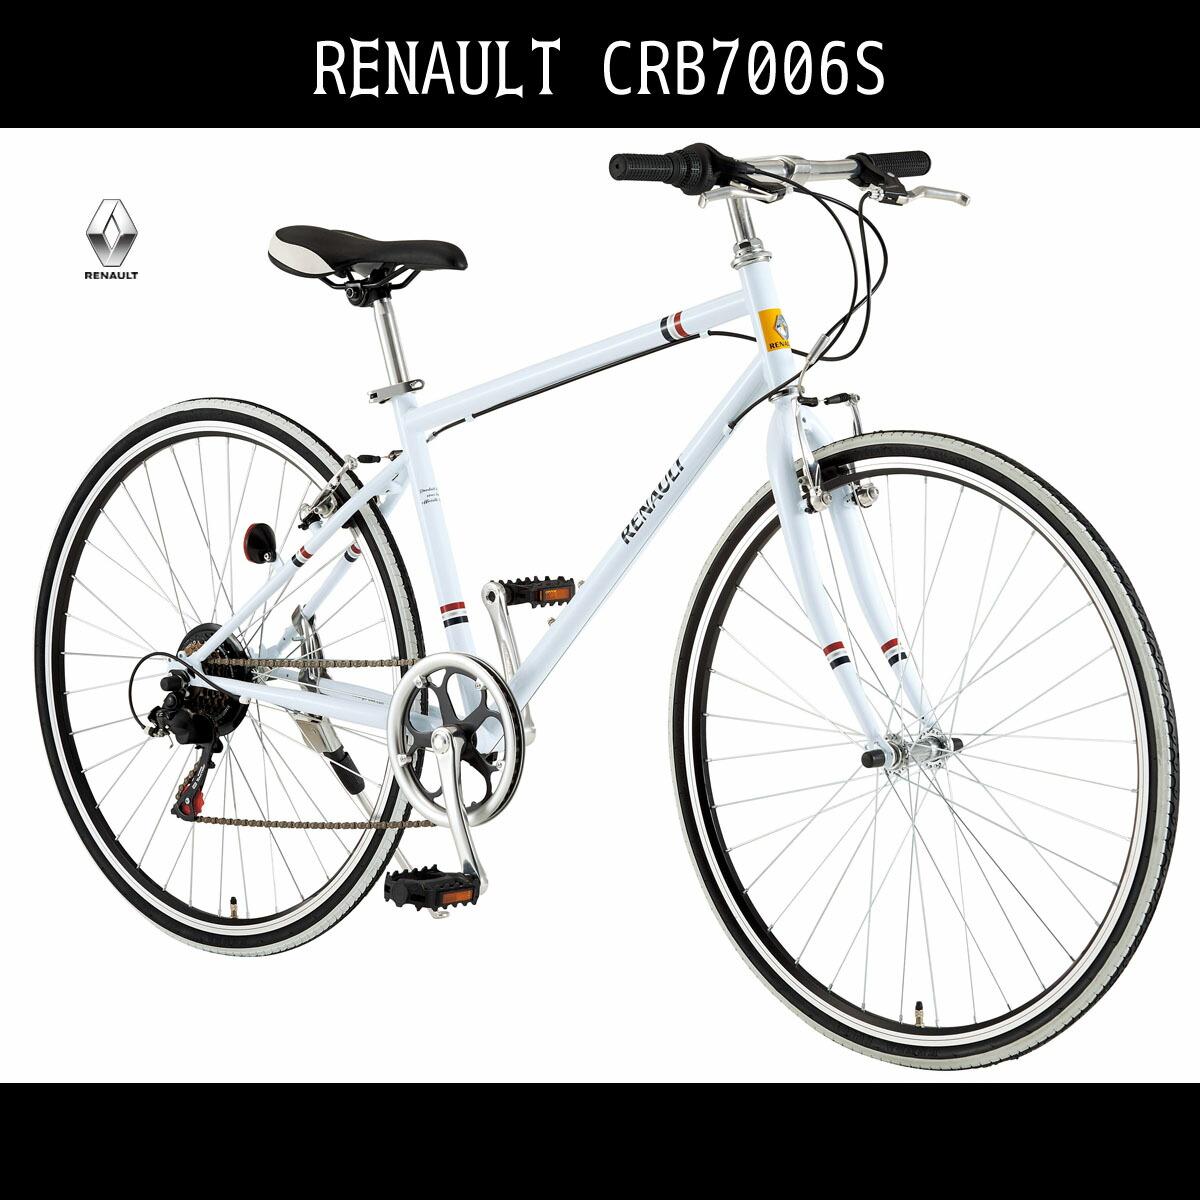 クロスバイク ルノー 自転車 ホワイト/白色700c クロスバイク 軽量 外装6段変速ギア付き CRB7006S スピード6段ギアでストライプタイヤなので、おしゃれ かっこよくツーリングができる自転車 RENAULT ルノー